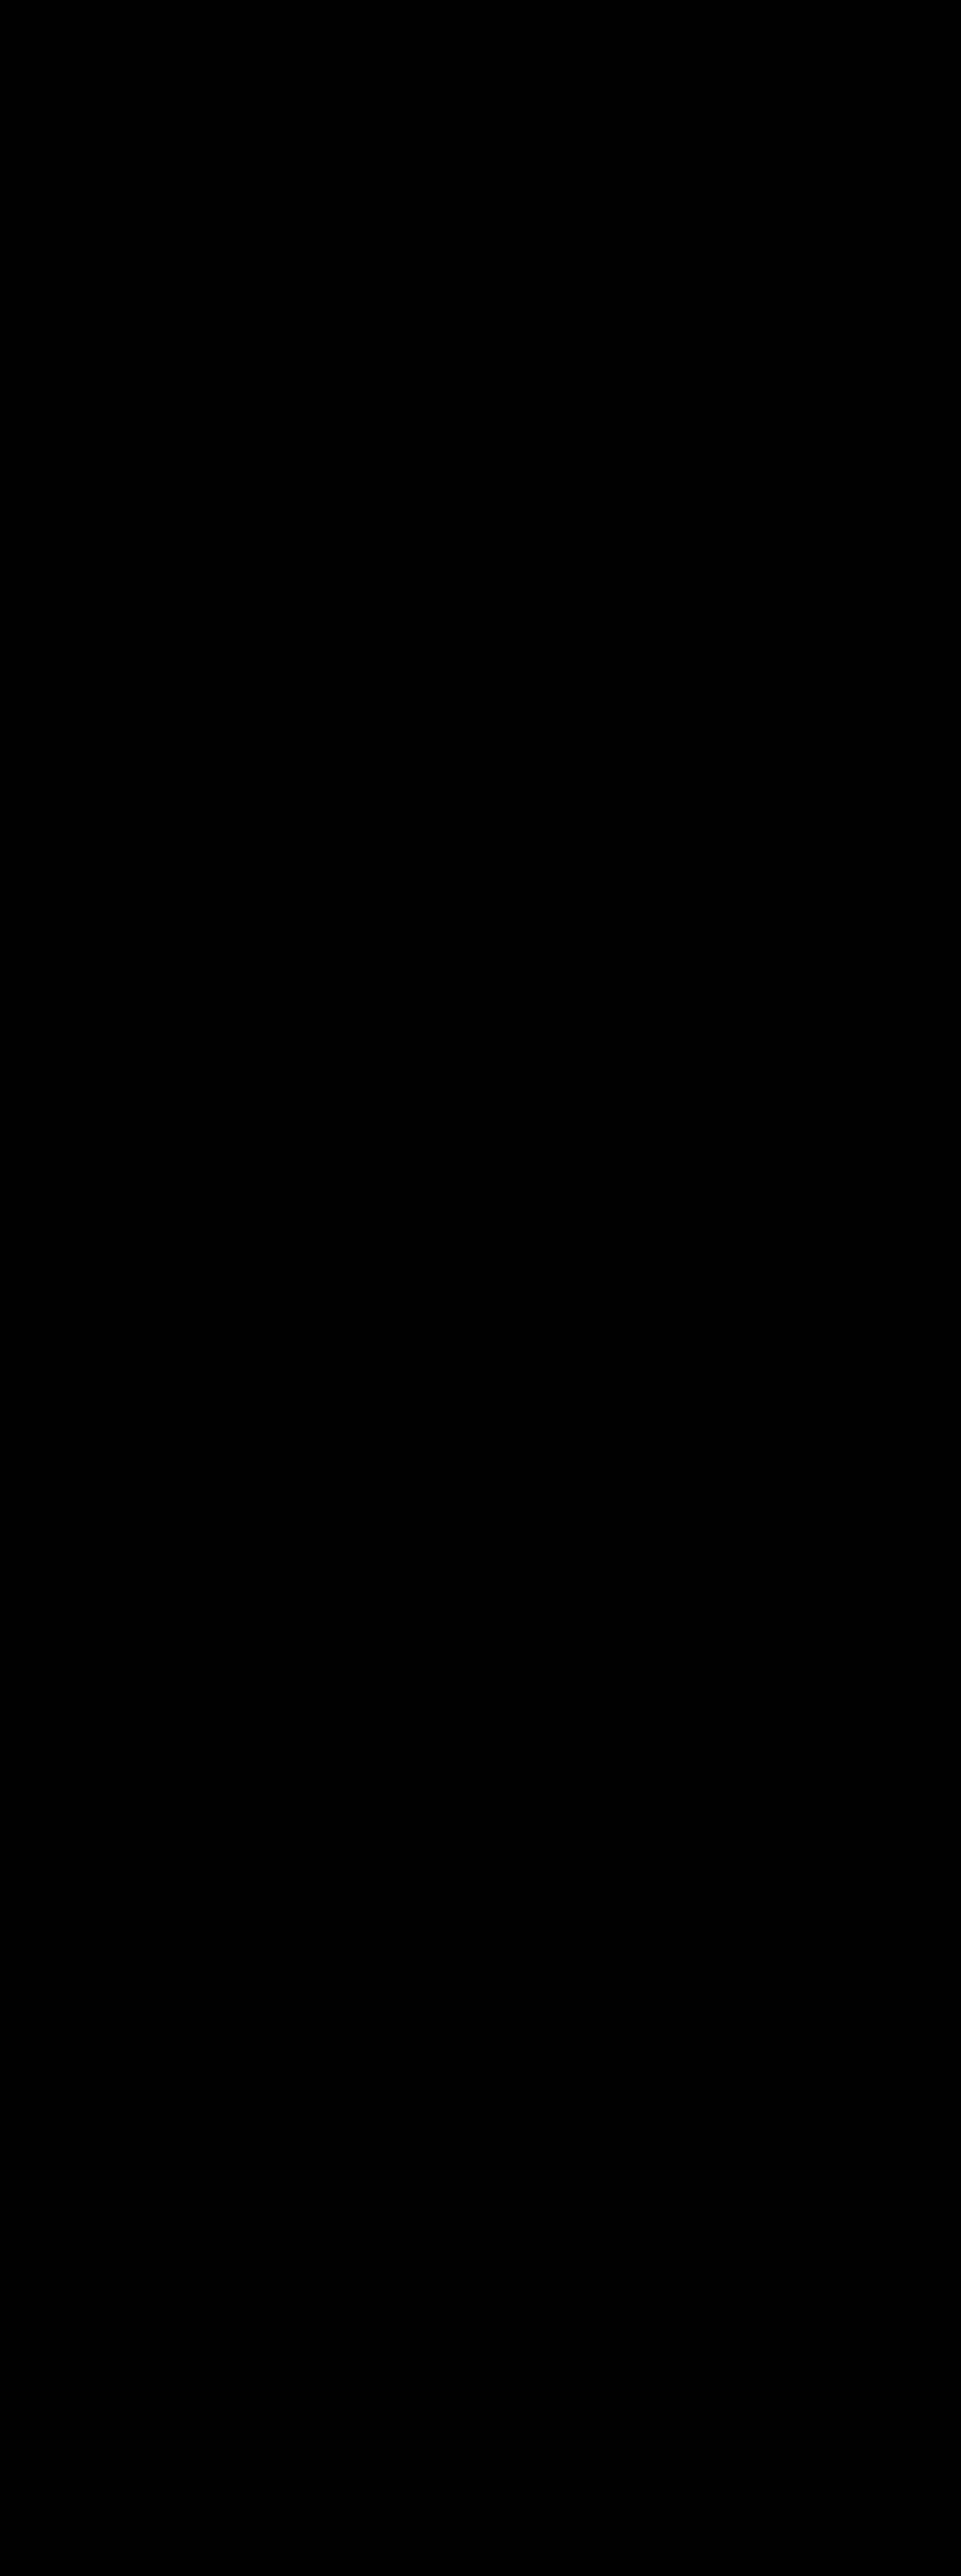 Zehn Jahre Video-Telefonate mit Skype